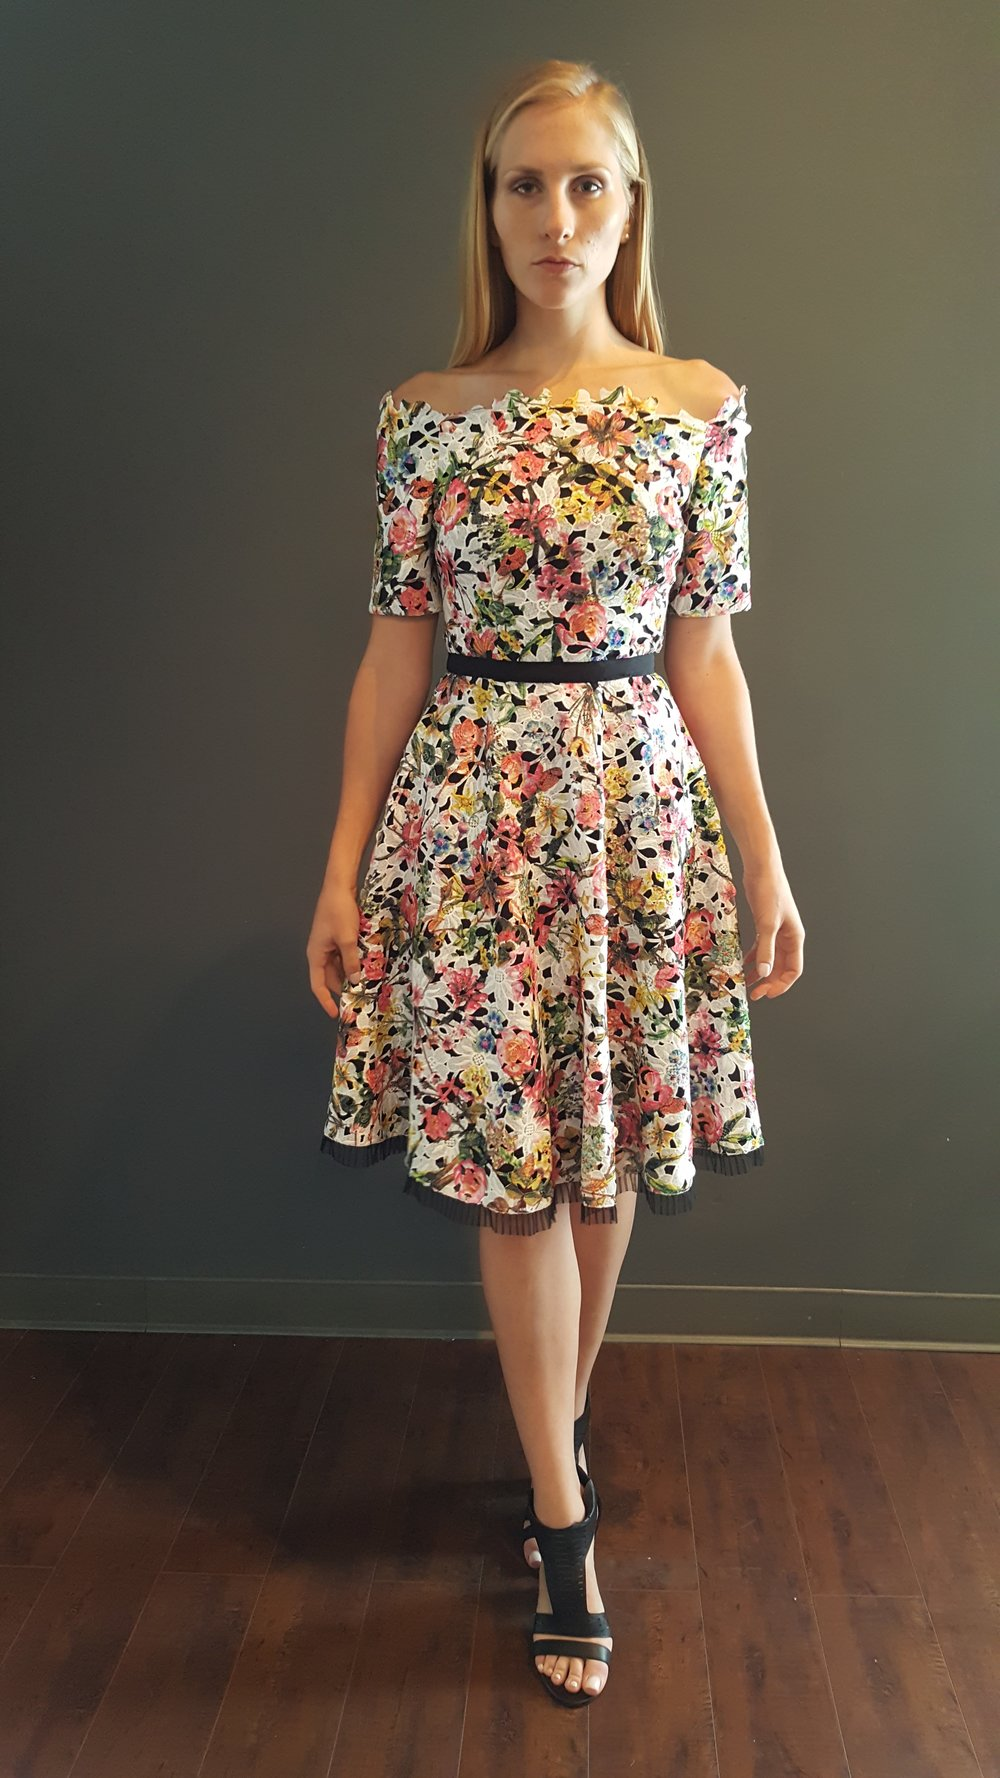 Floral Off-Shoulder A-Line Dress